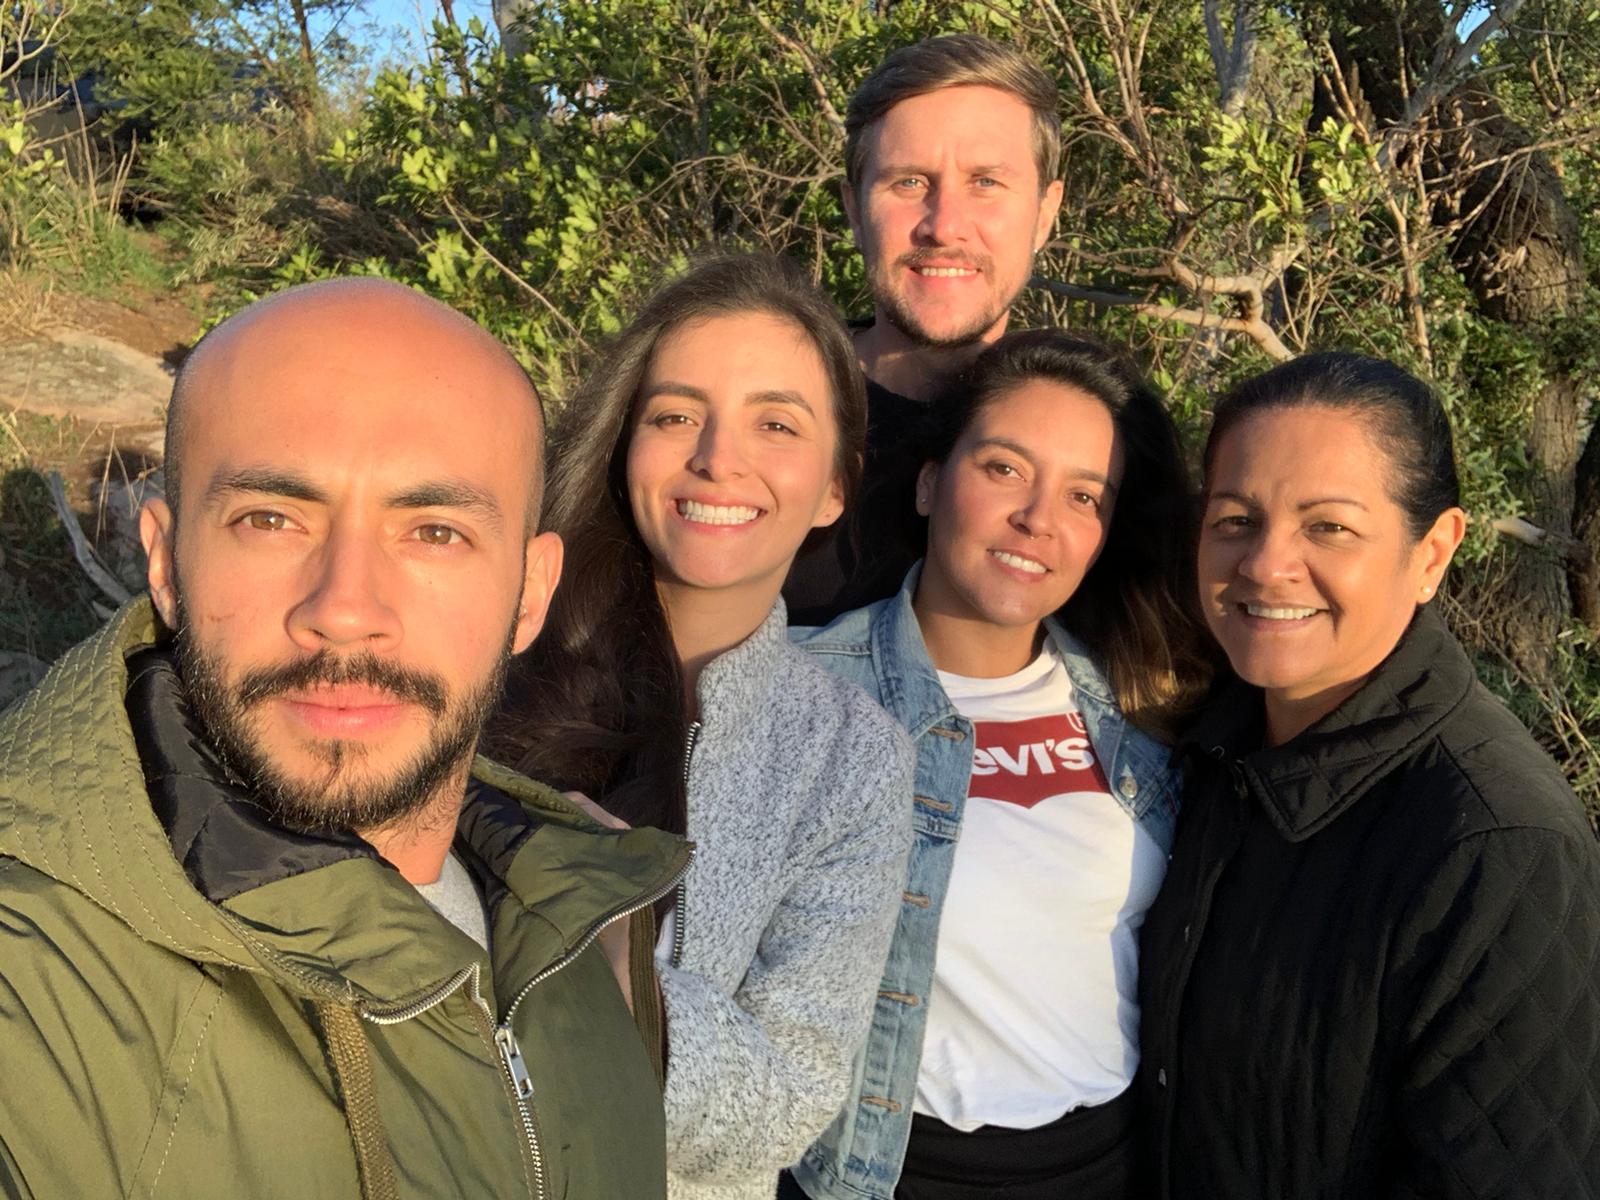 Santiago Cardona (izquierda), su esposa Daniela Ramírez, Camila Cardona, Ricardo Stoltze (esposo de Camila) y Sonia Baena (madre de Camila y Santiago).